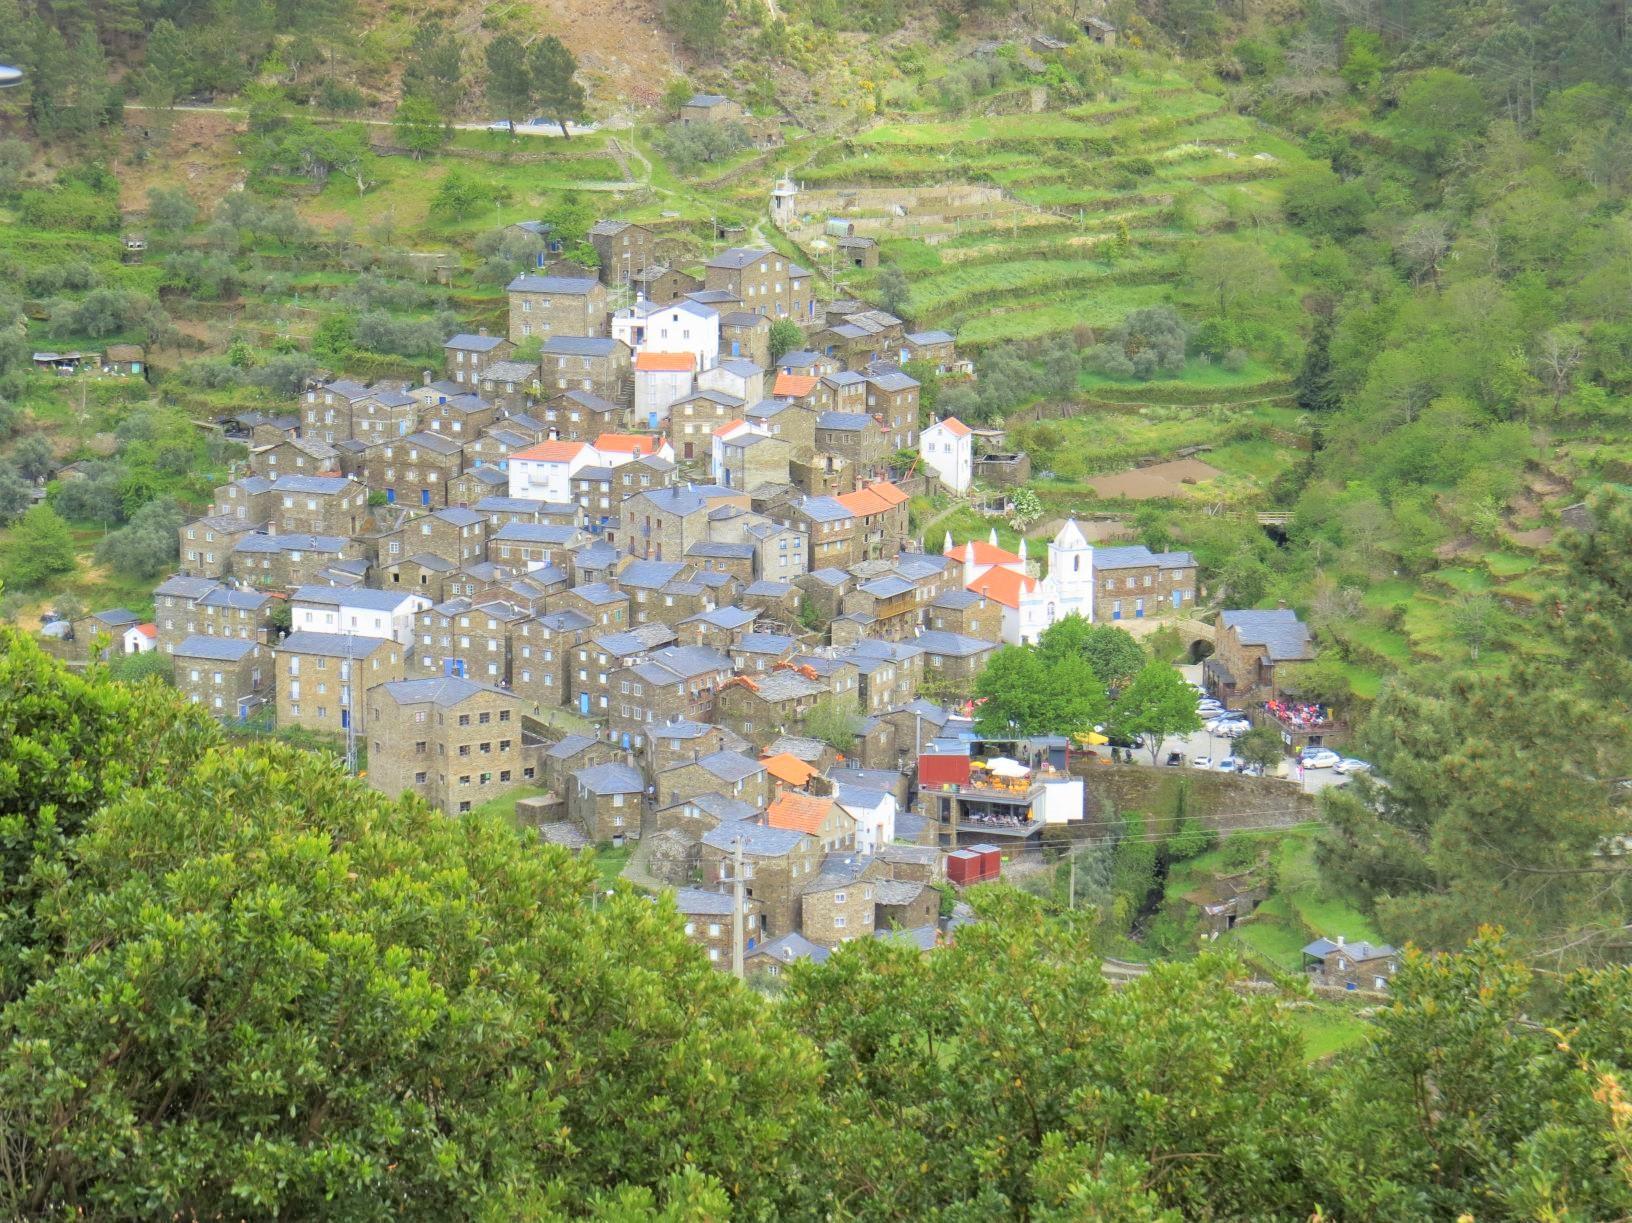 ポルトガルの知られざる美しい村、ピオダン(4日目)